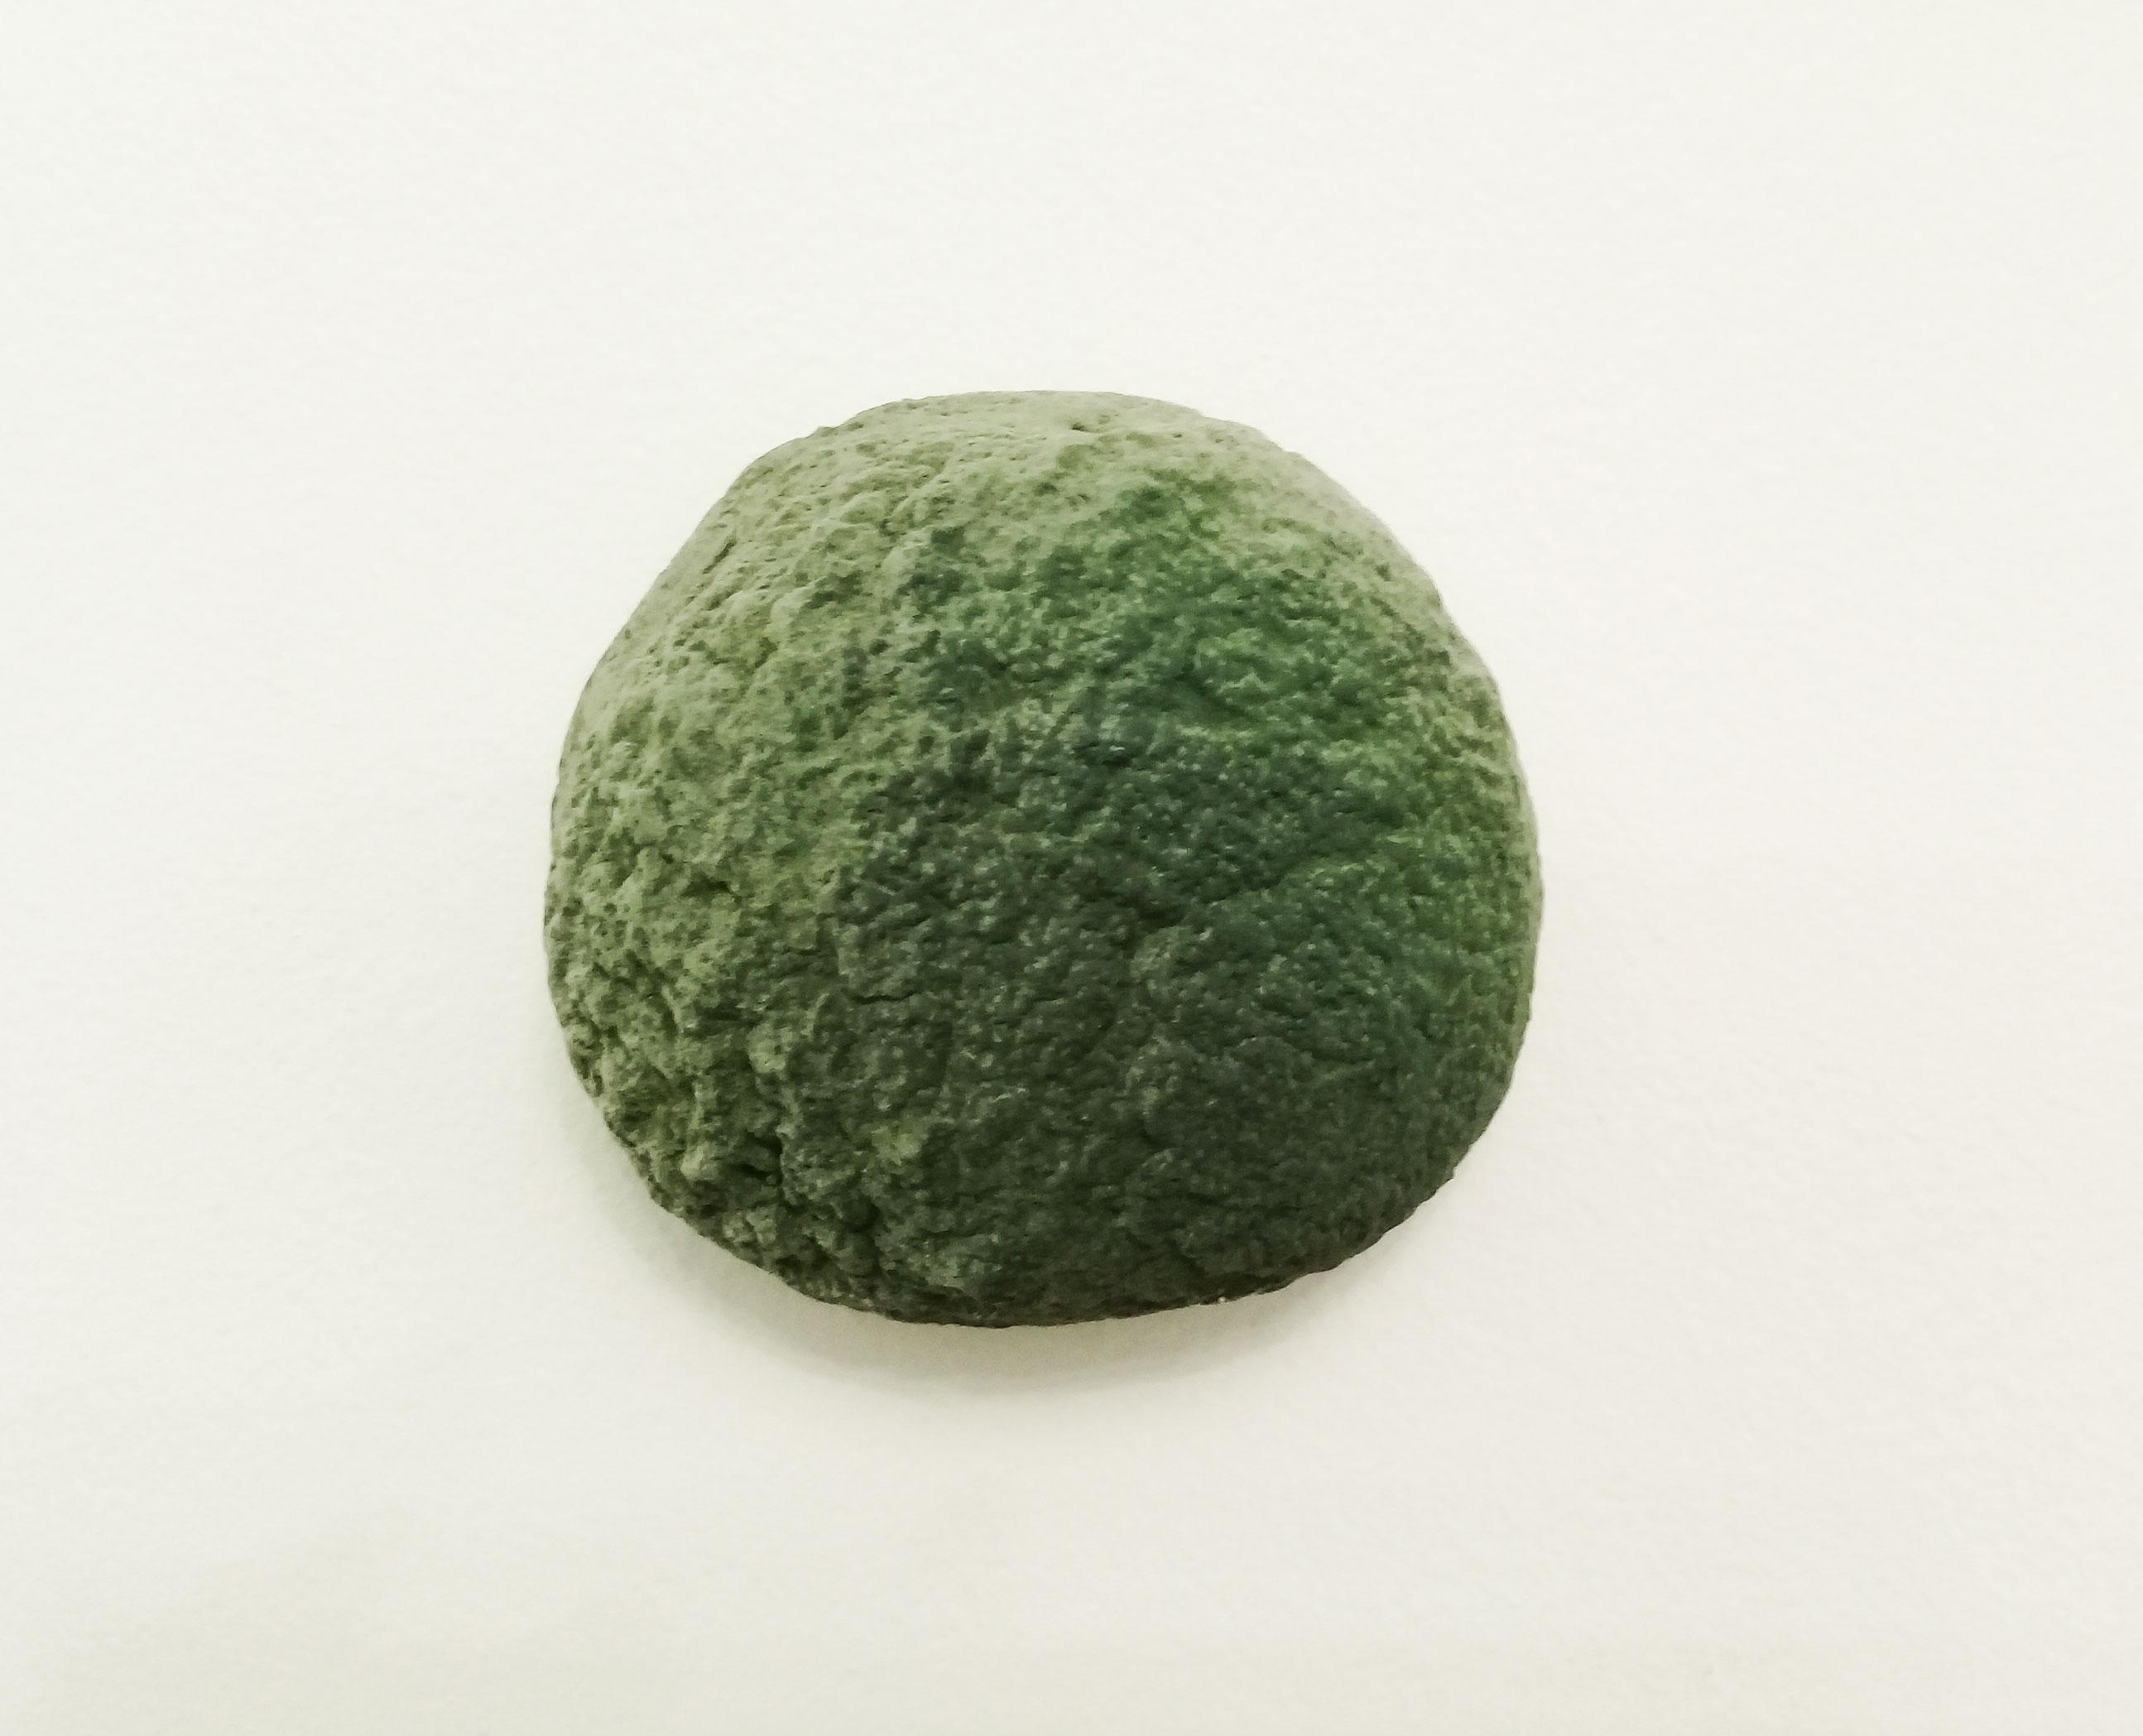 Musgo/ Moss